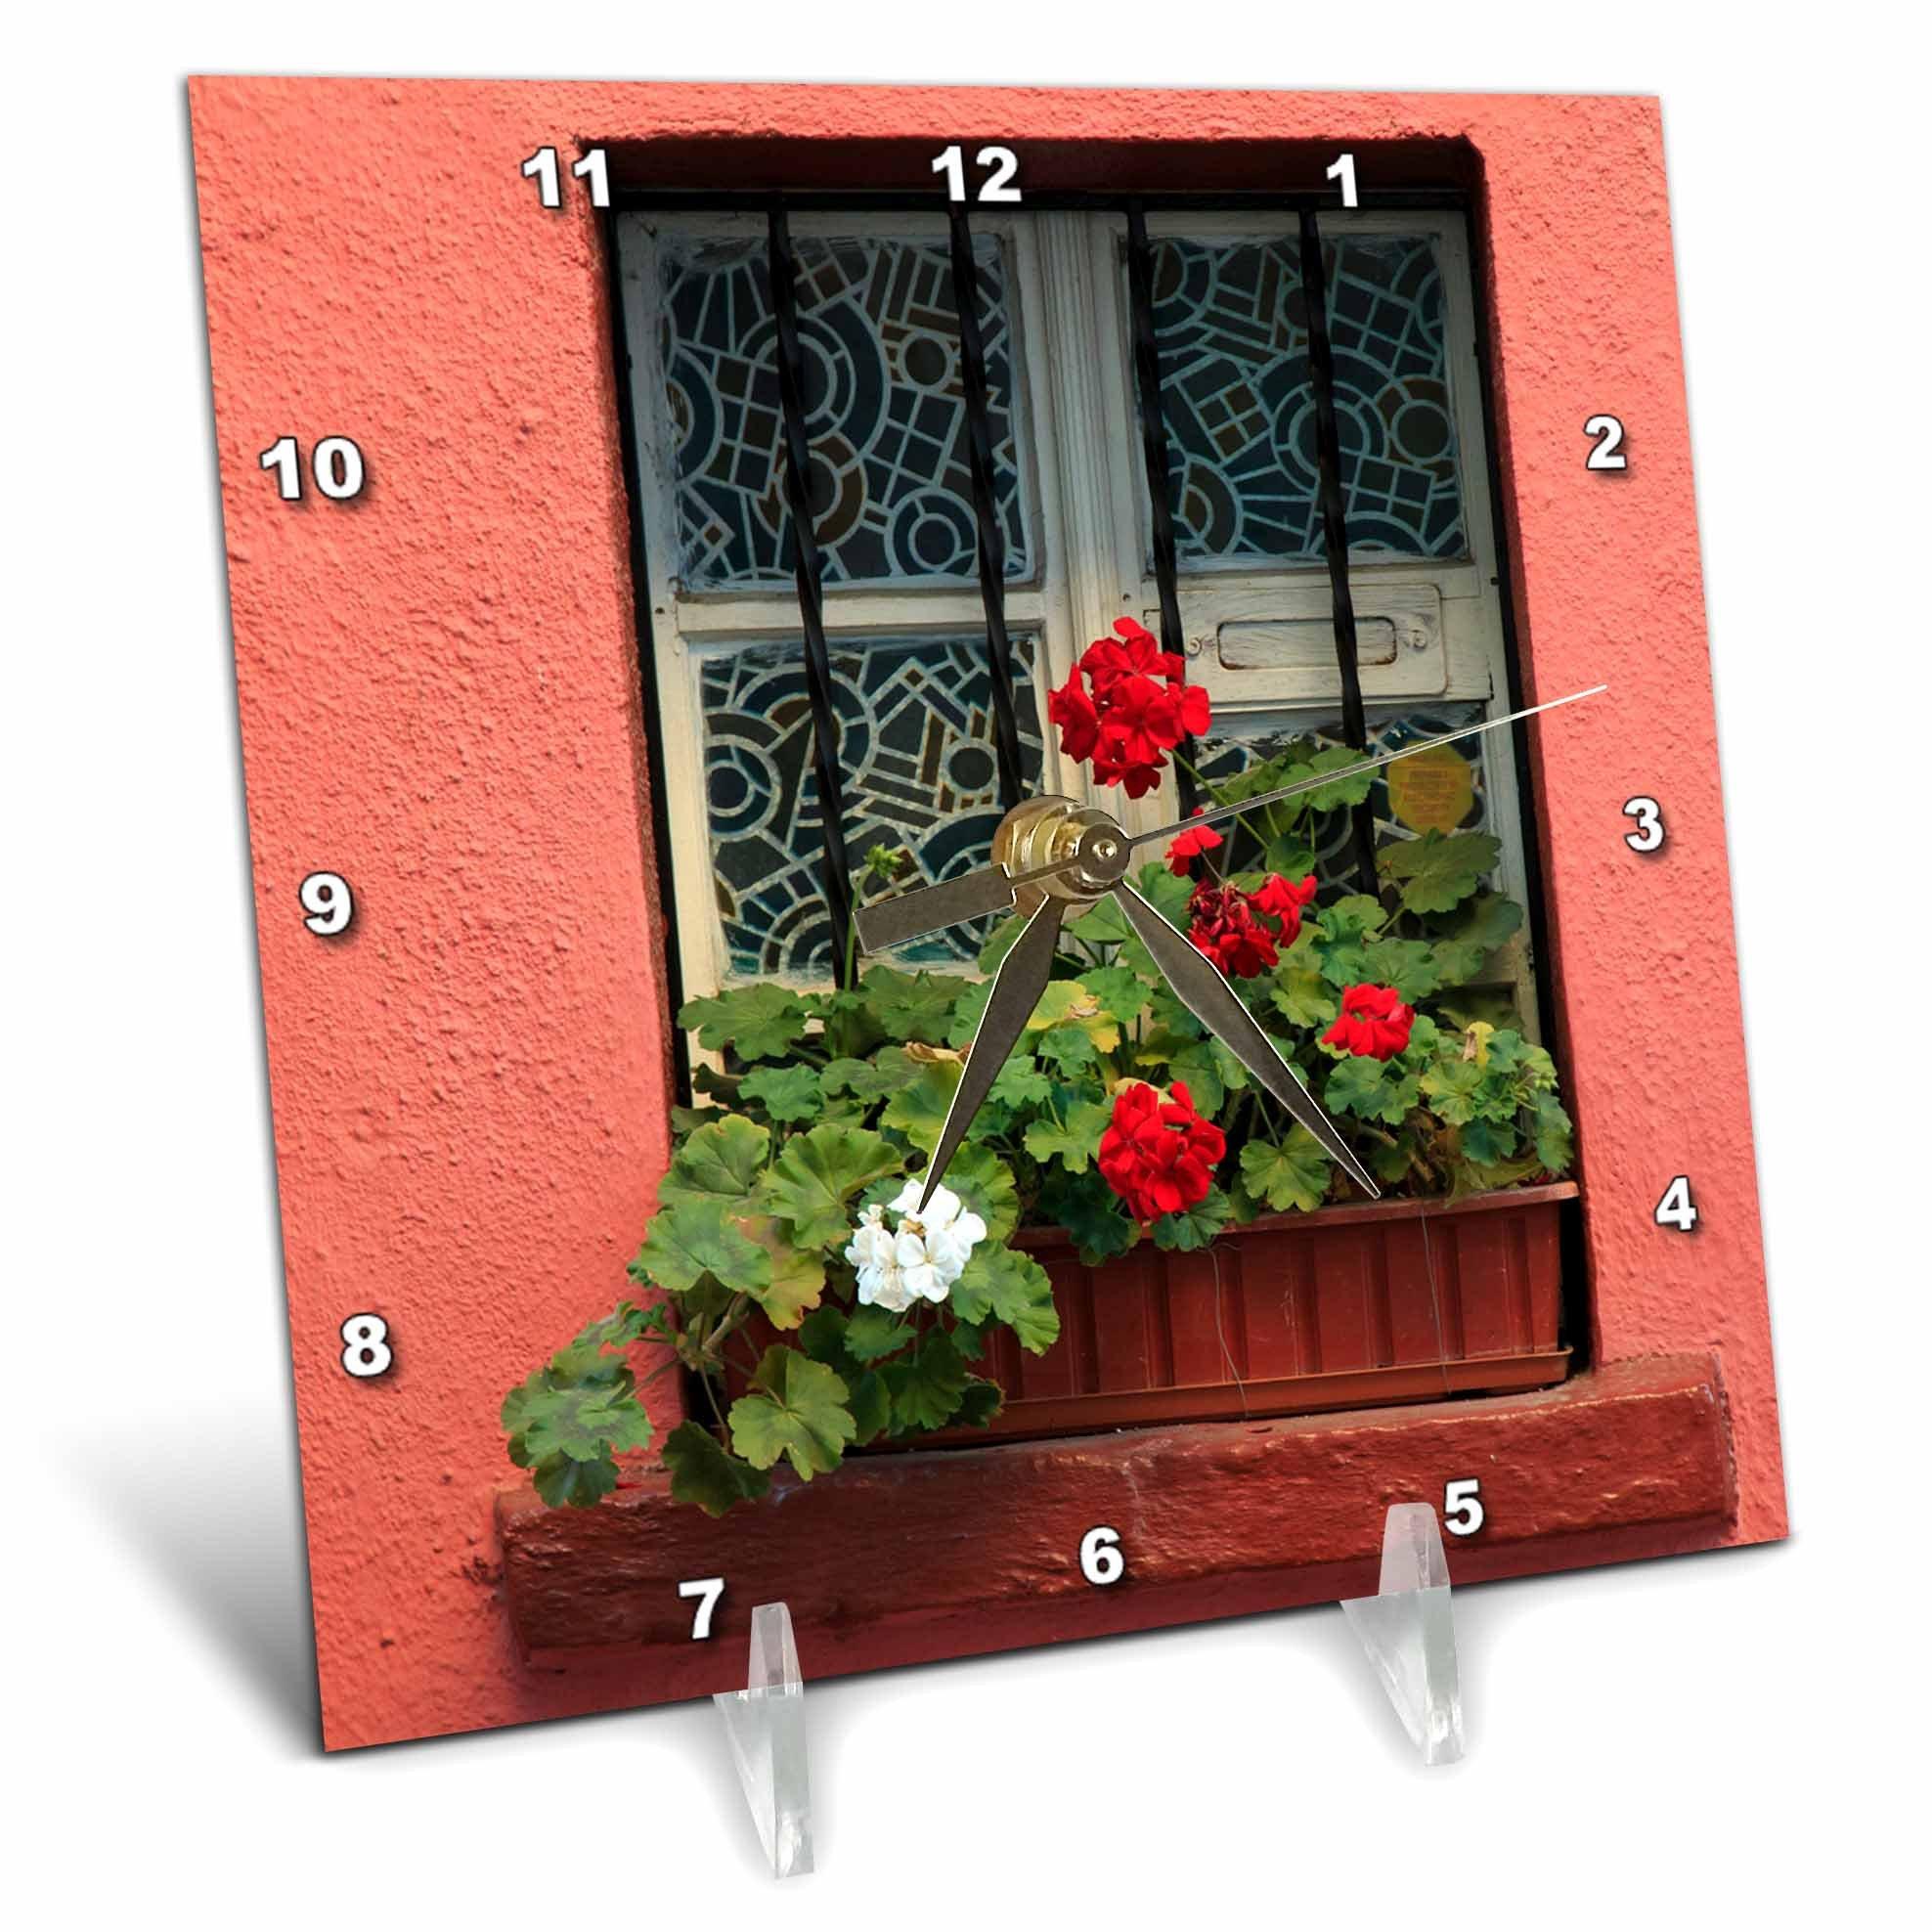 3dRose Danita Delimont - Flowers - Romania, Sighisoara, residential window in old town. Flowers in window - 6x6 Desk Clock (dc_277872_1)